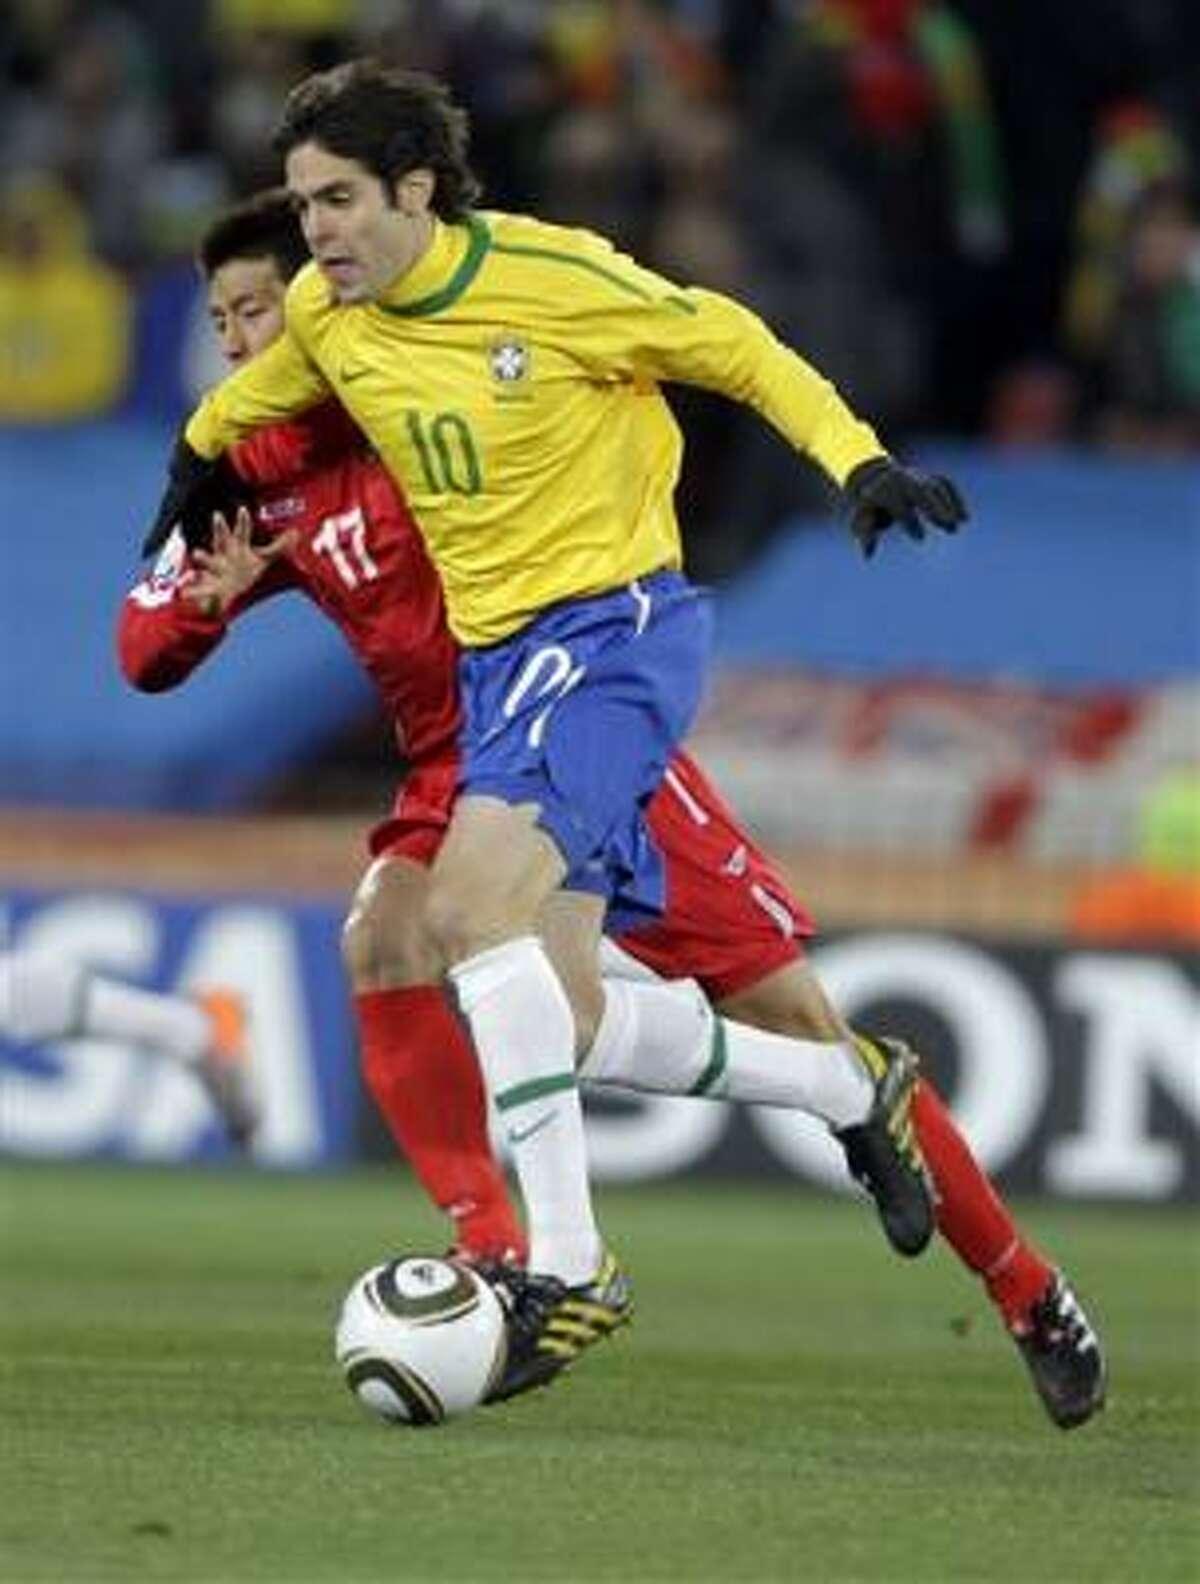 El brasileño Kaká controla la pelota ante el acoso del defensa norcoreano An Yong Hak.